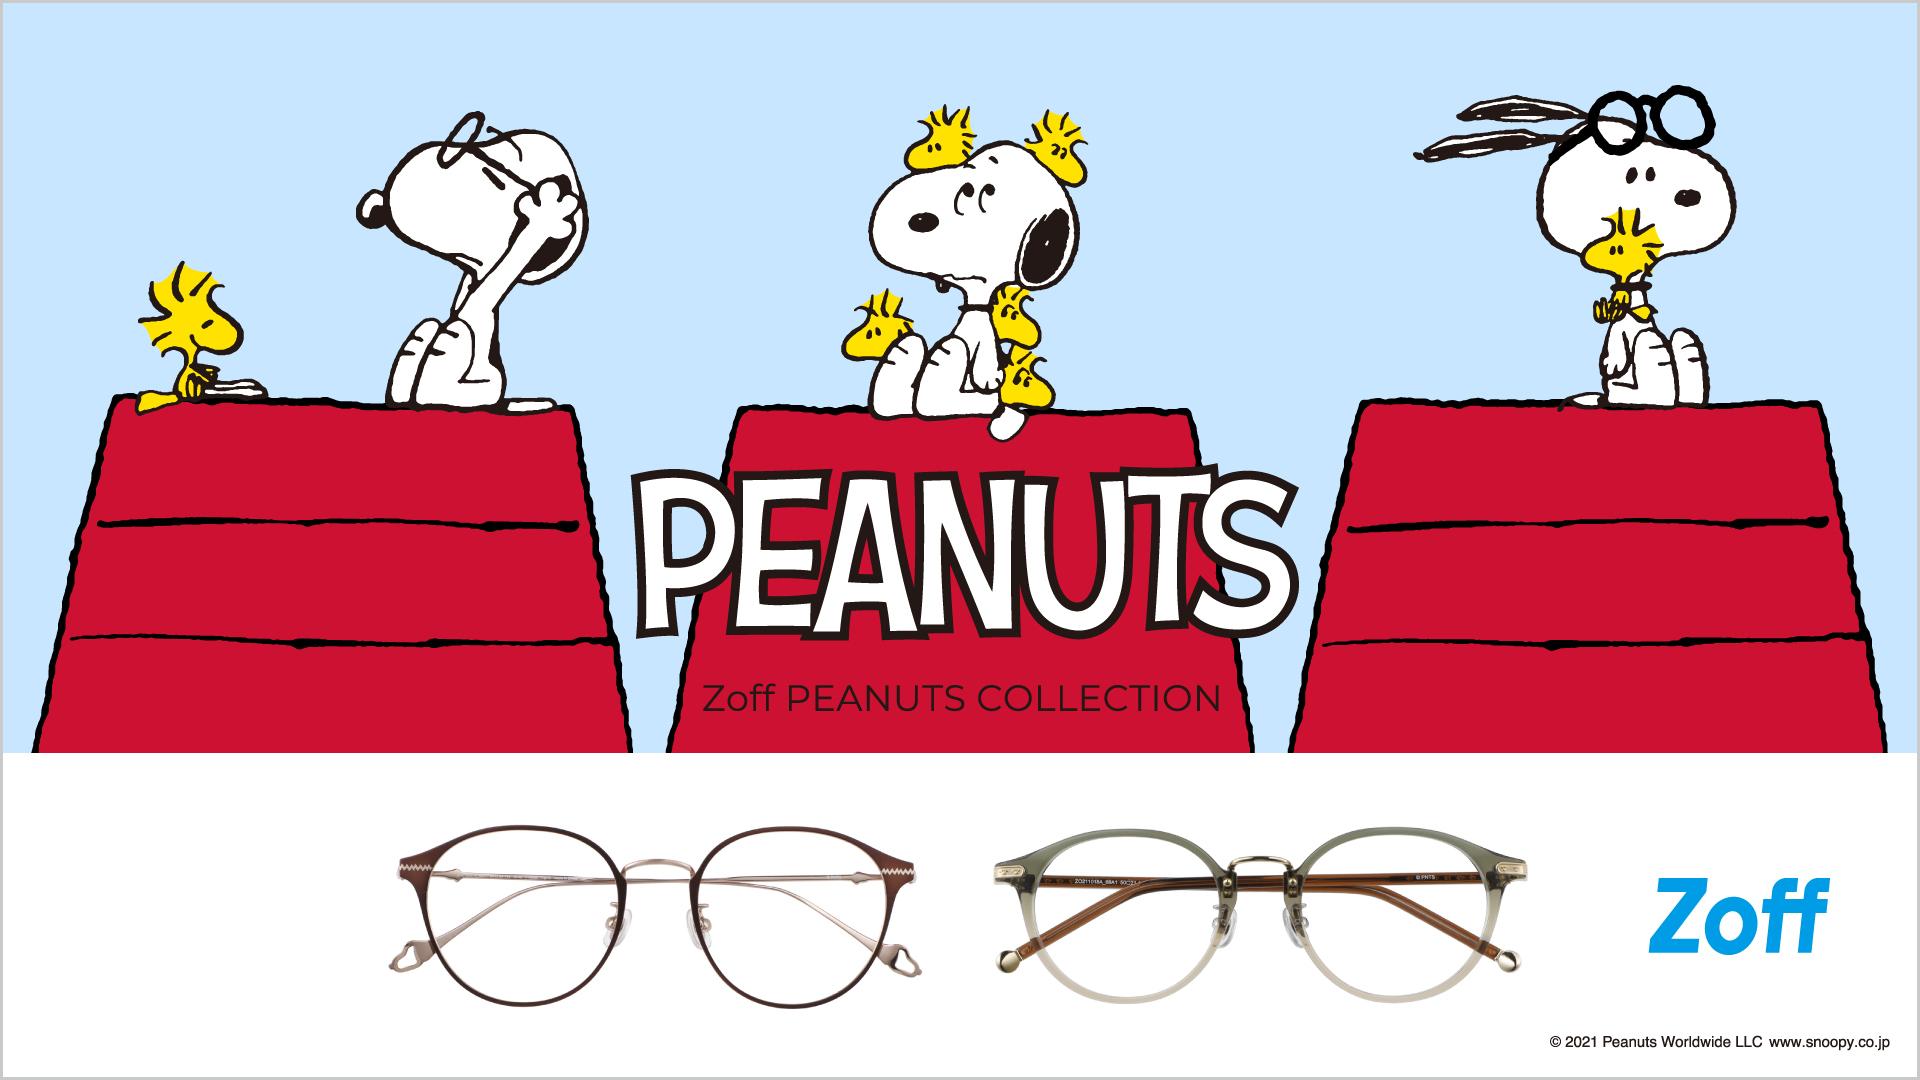 大人気の『Zoff PEANUTS COLLECTION』第2弾!スヌーピーと仲間たちが可愛いアイウェアに。